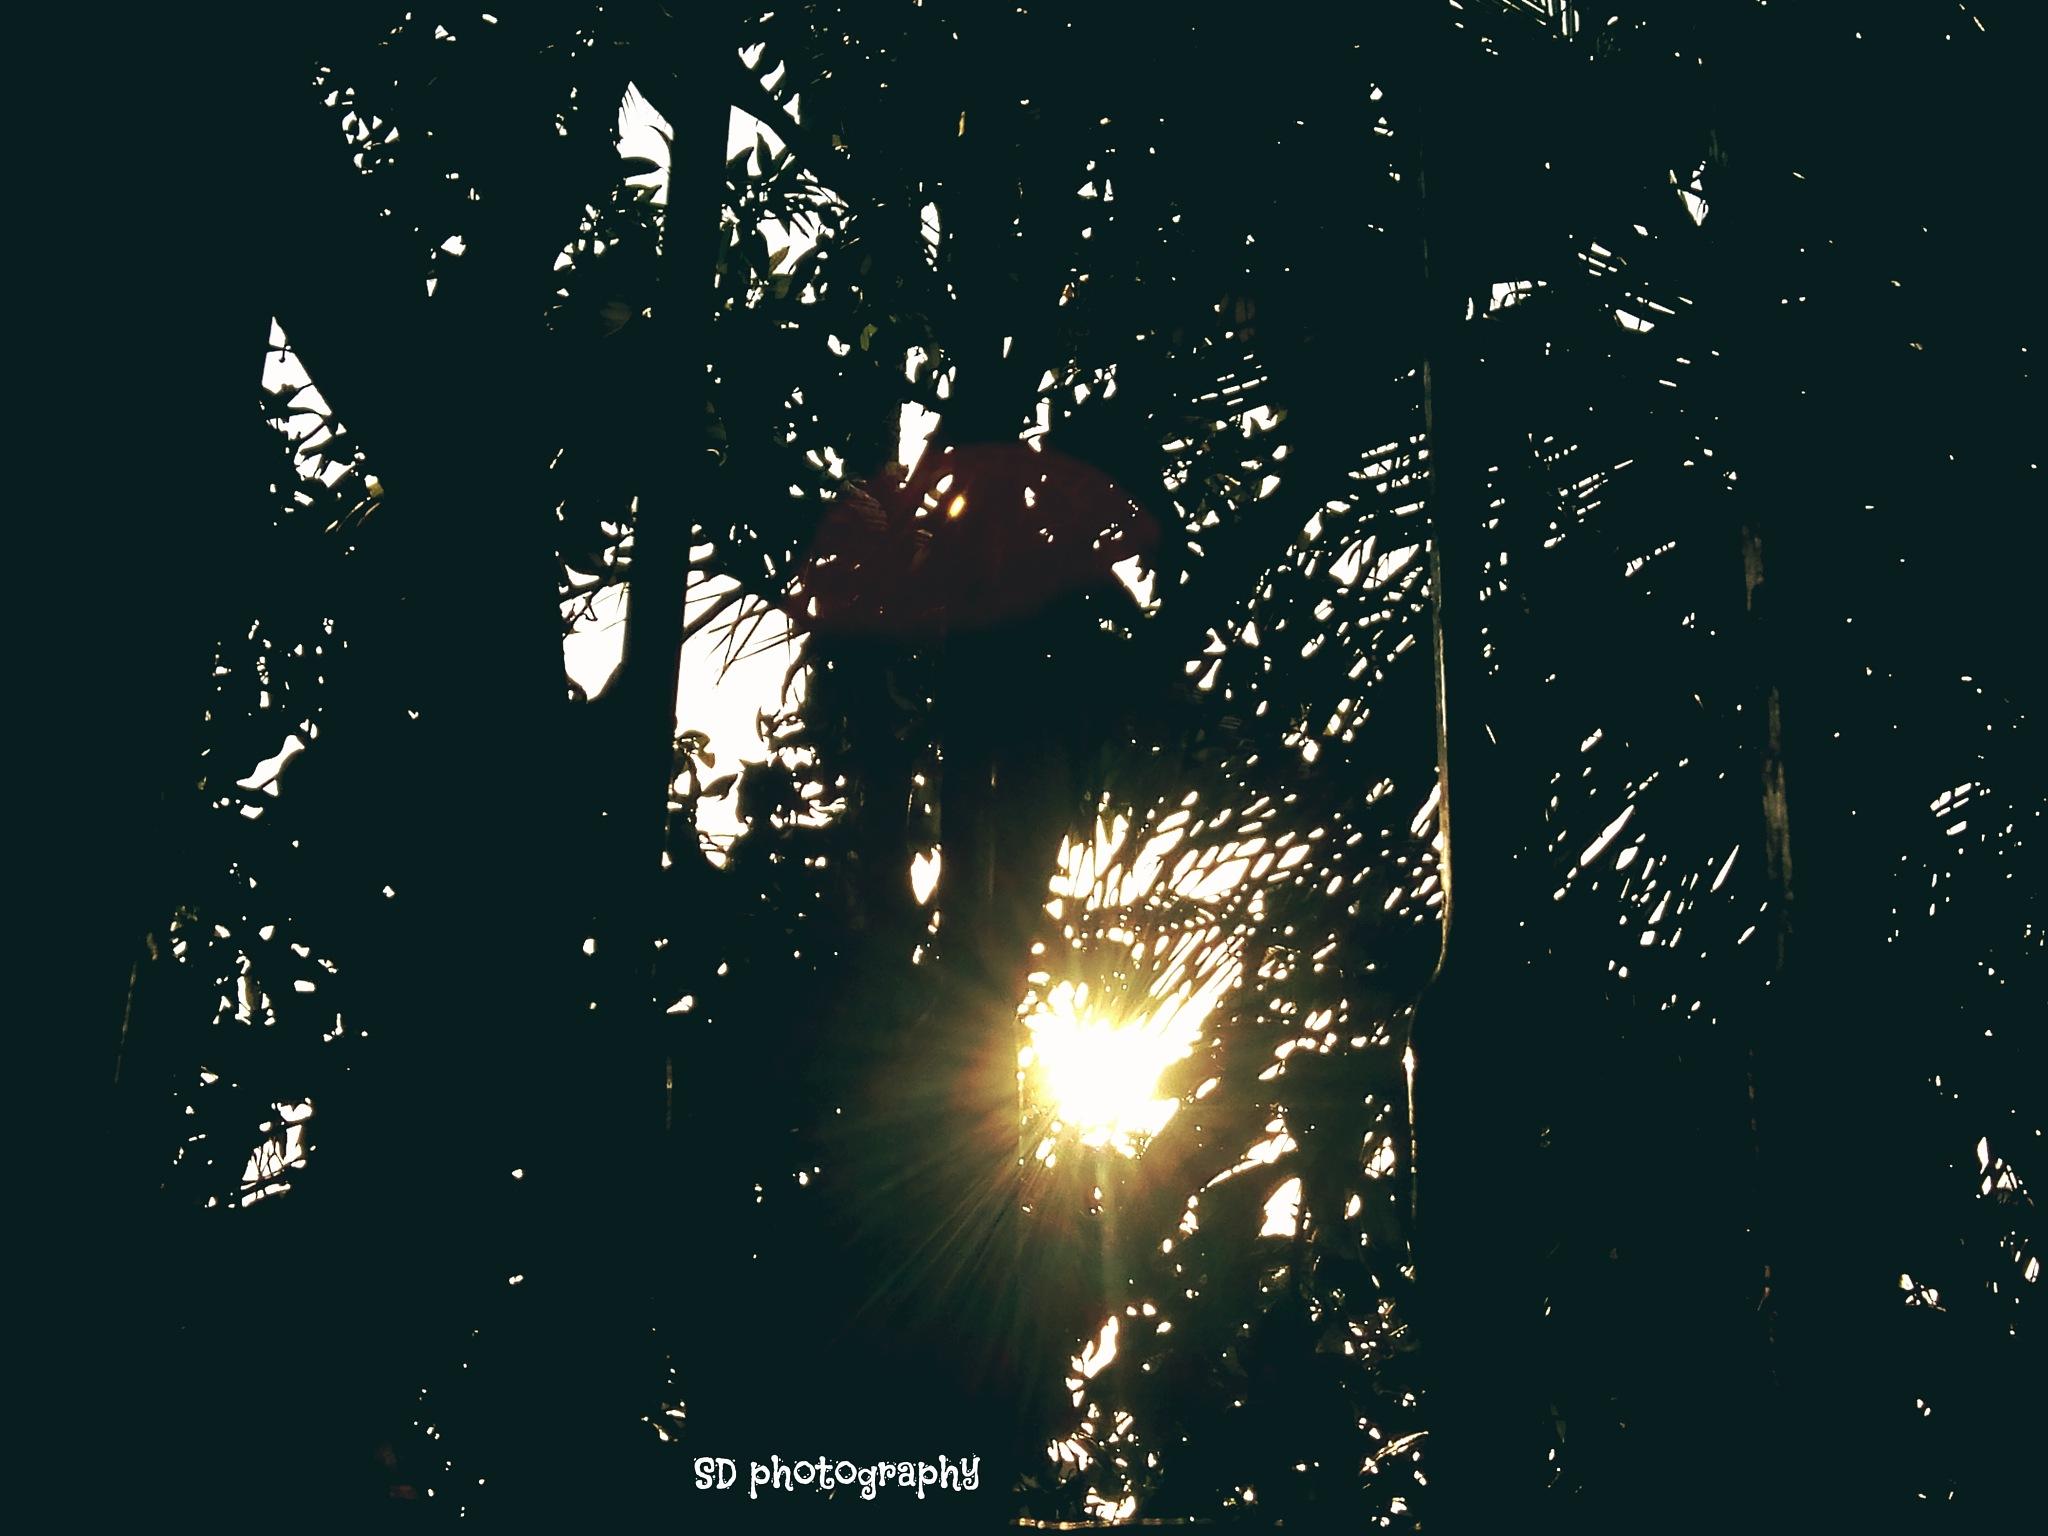 #sunlight by Sid Dutta